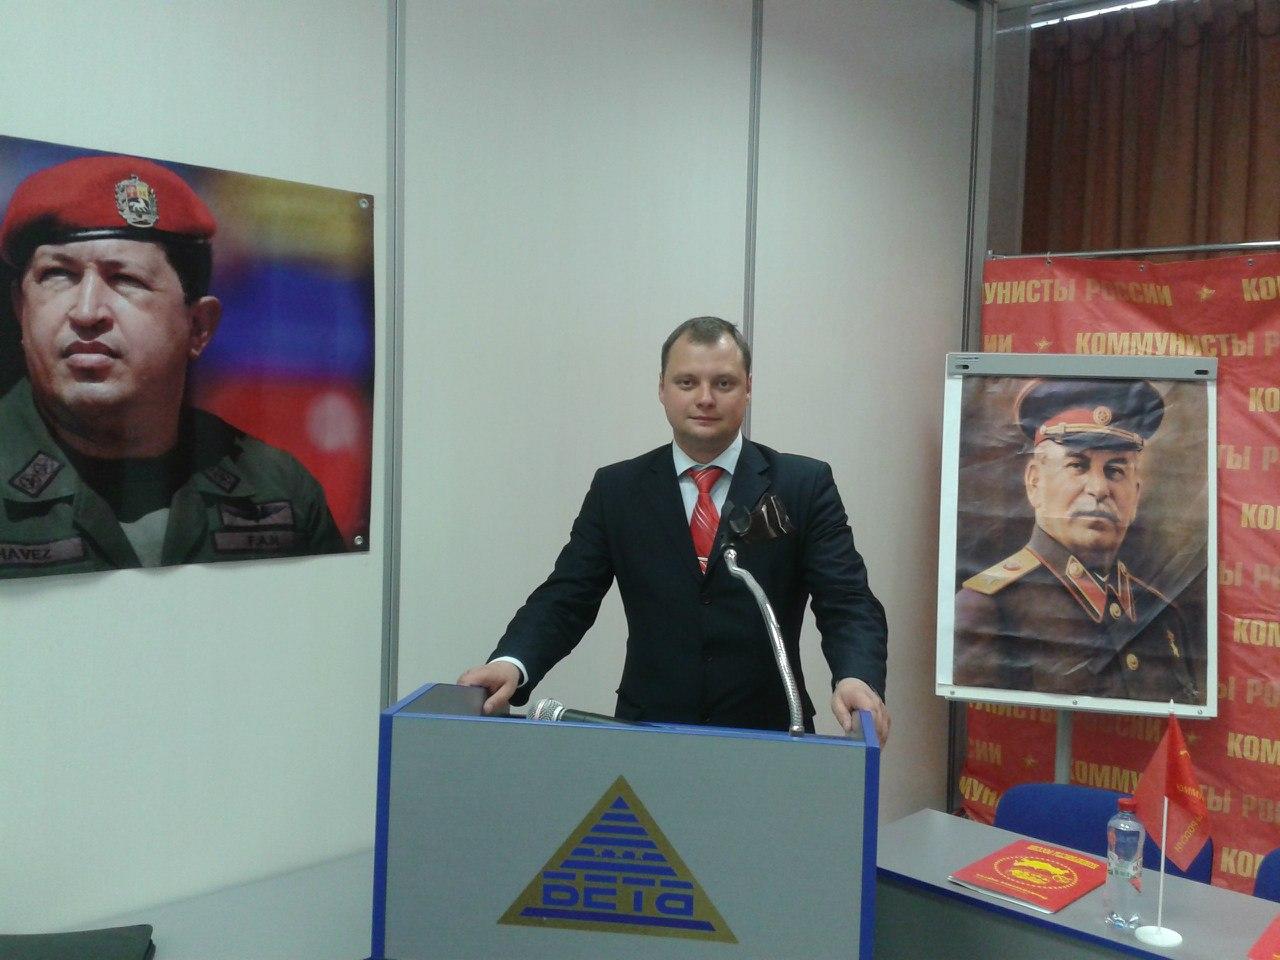 фото ЗакС политика Партия Социальной защиты определилась с кандидатом на пост губернатора Мурманской области